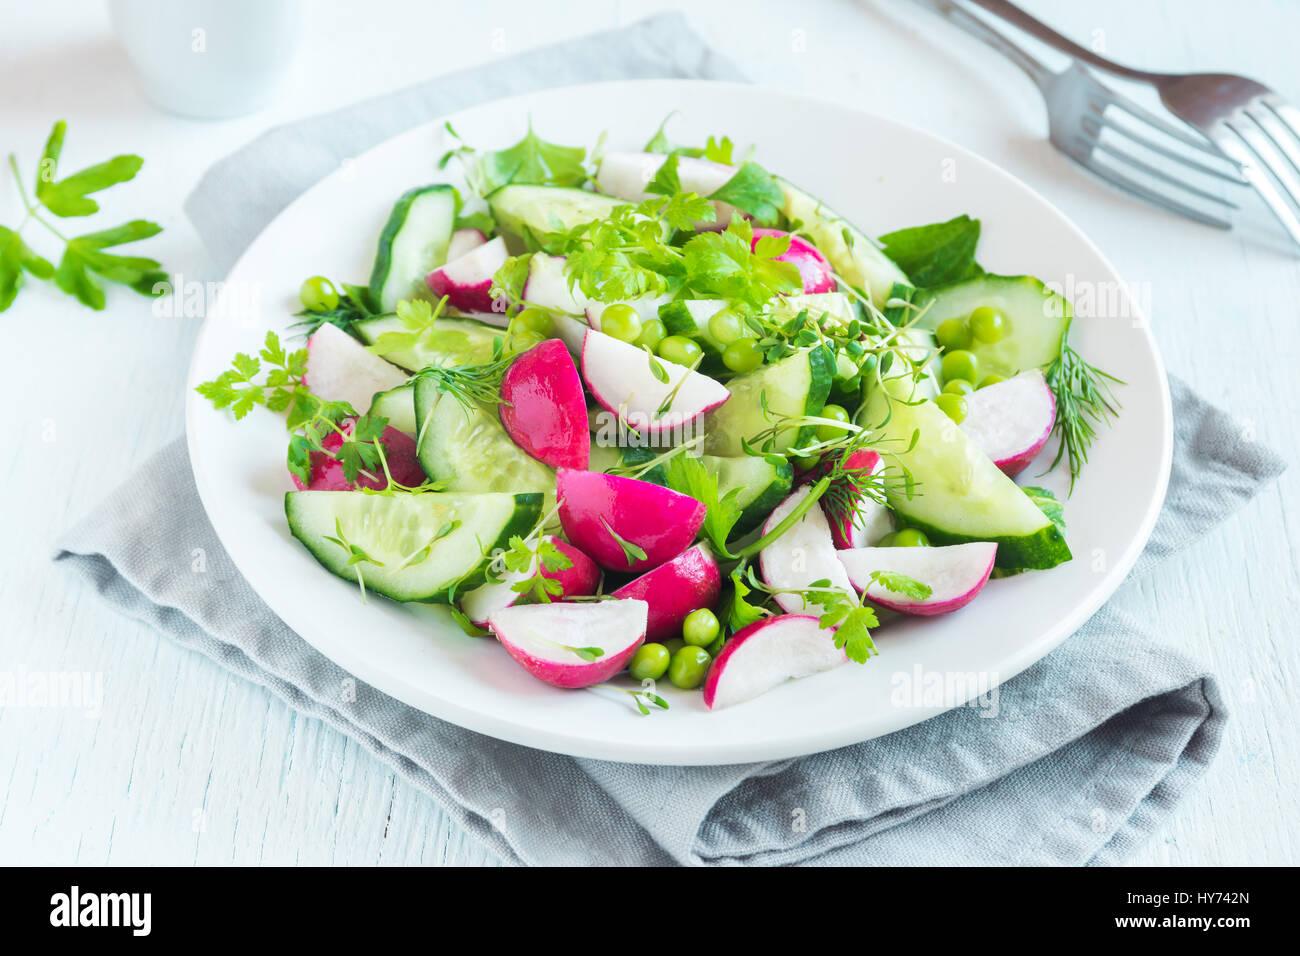 Hortalizas de primavera sanos con ensalada de rábano, pepino, guisantes verdes y brotes, dieta vegetariana, Imagen De Stock